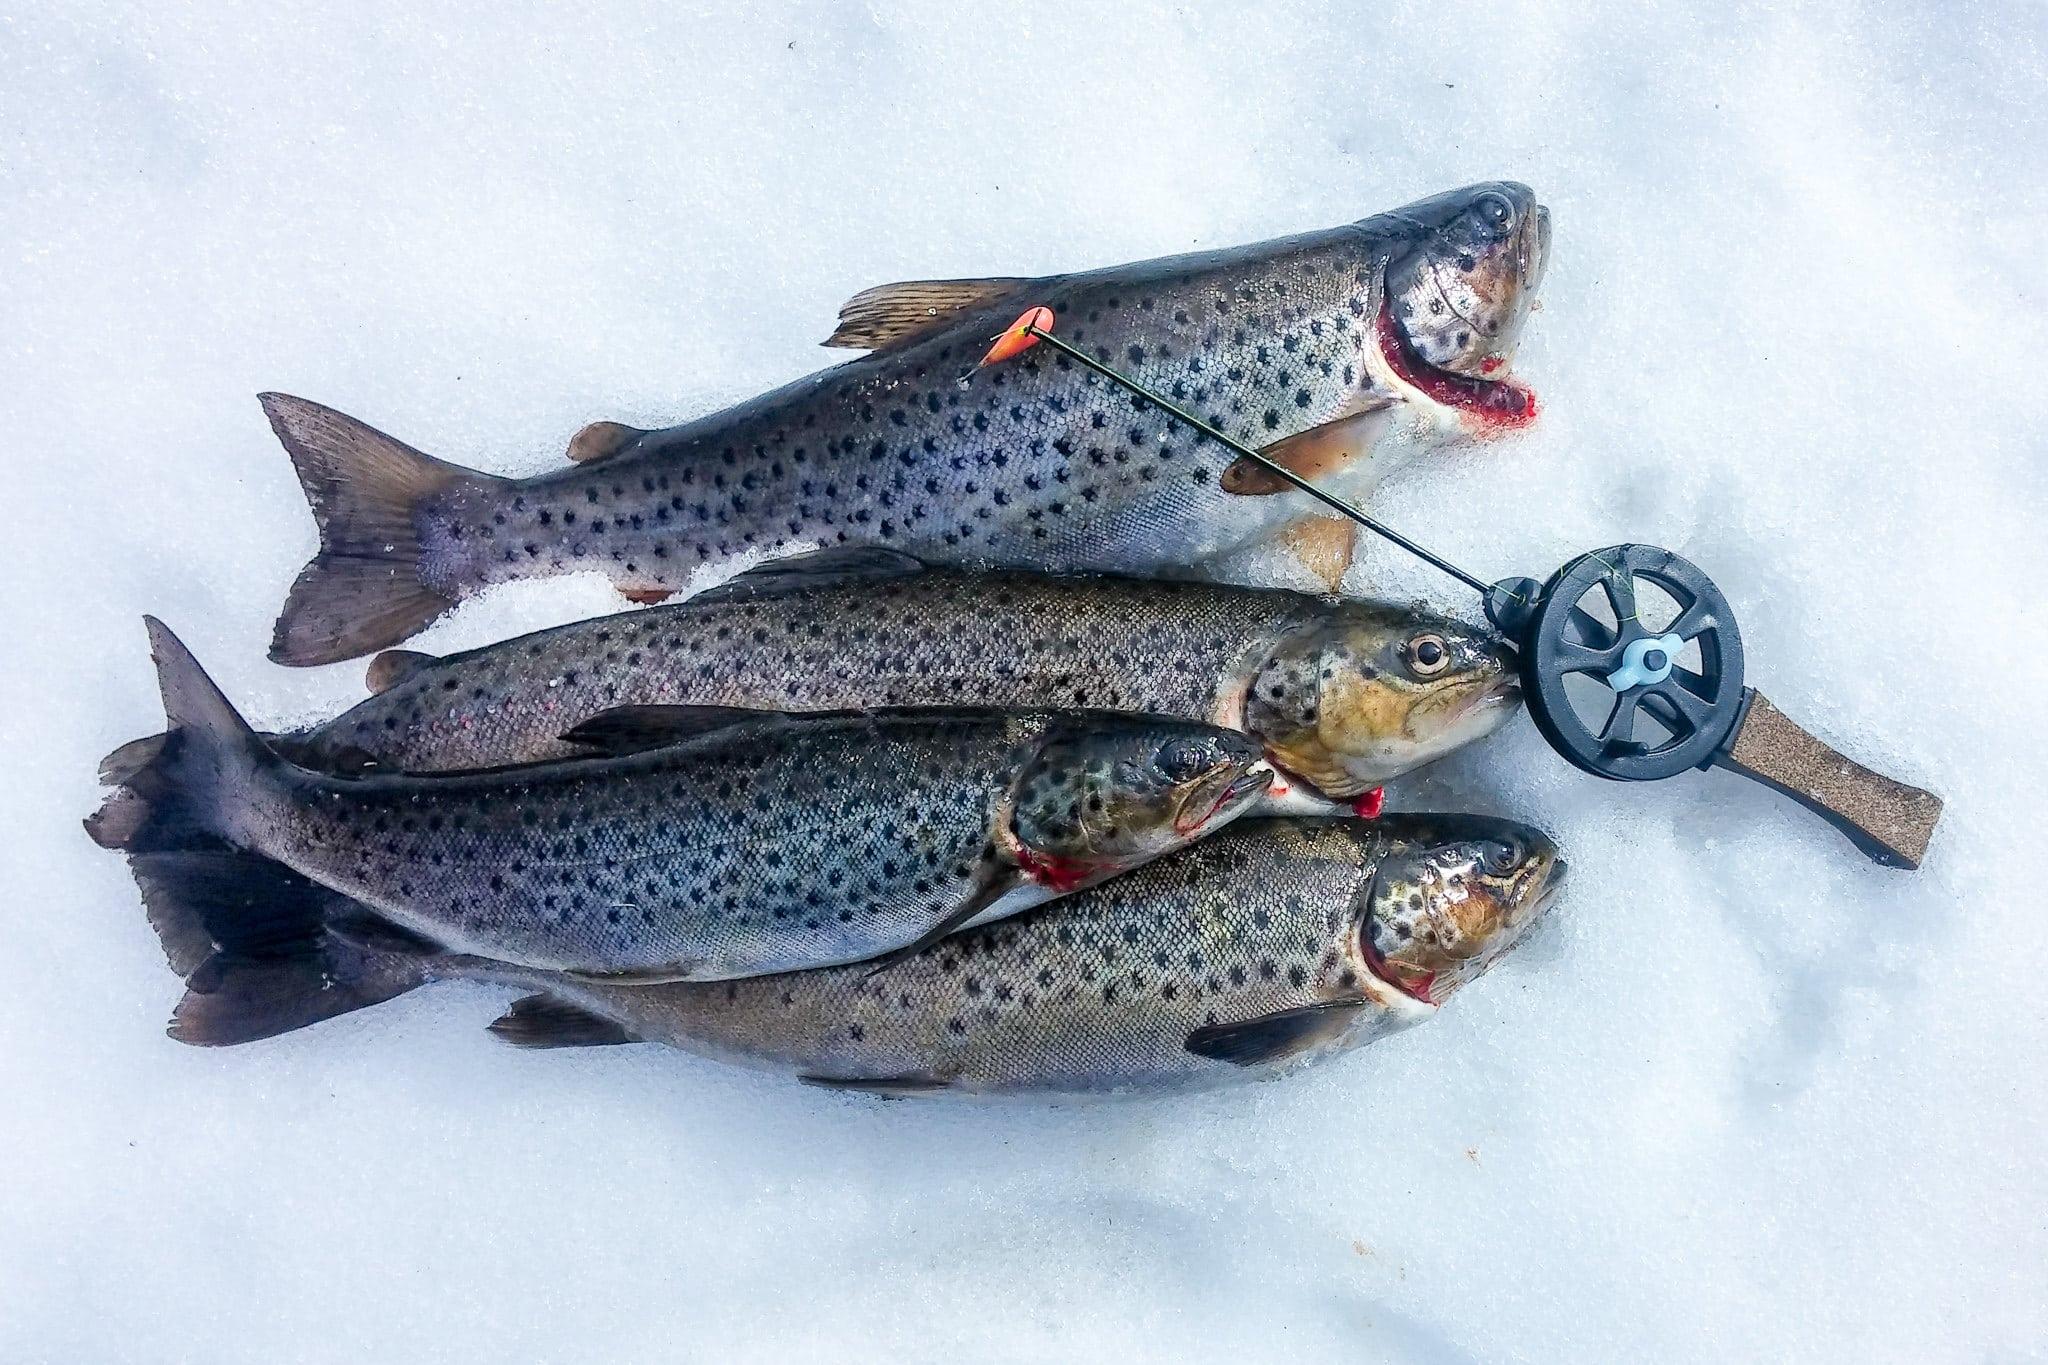 I Lofsdalen och Glöte i Härjedalen finns det gott om fiskemöjligheter både för den vane fiskaren och mer lättillgängliga fiskevatten för familjefiske.